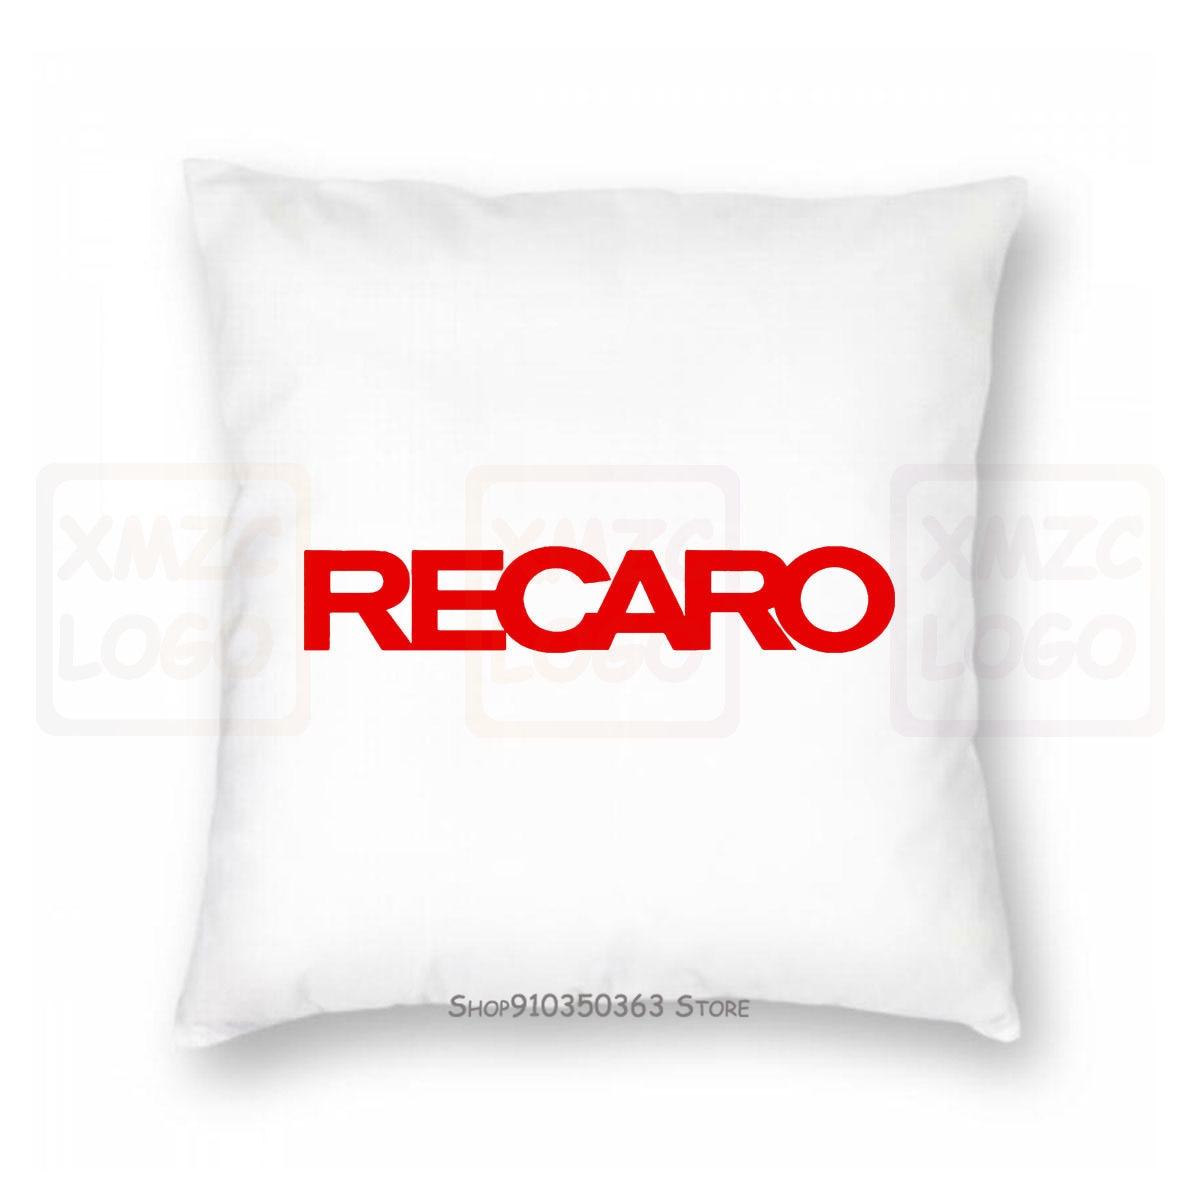 Чехол для подушки Recaro с логотипом, автомобильные гоночные сиденья, спортивный Графический подарок, унисекс, топ, для женщин и мужчин